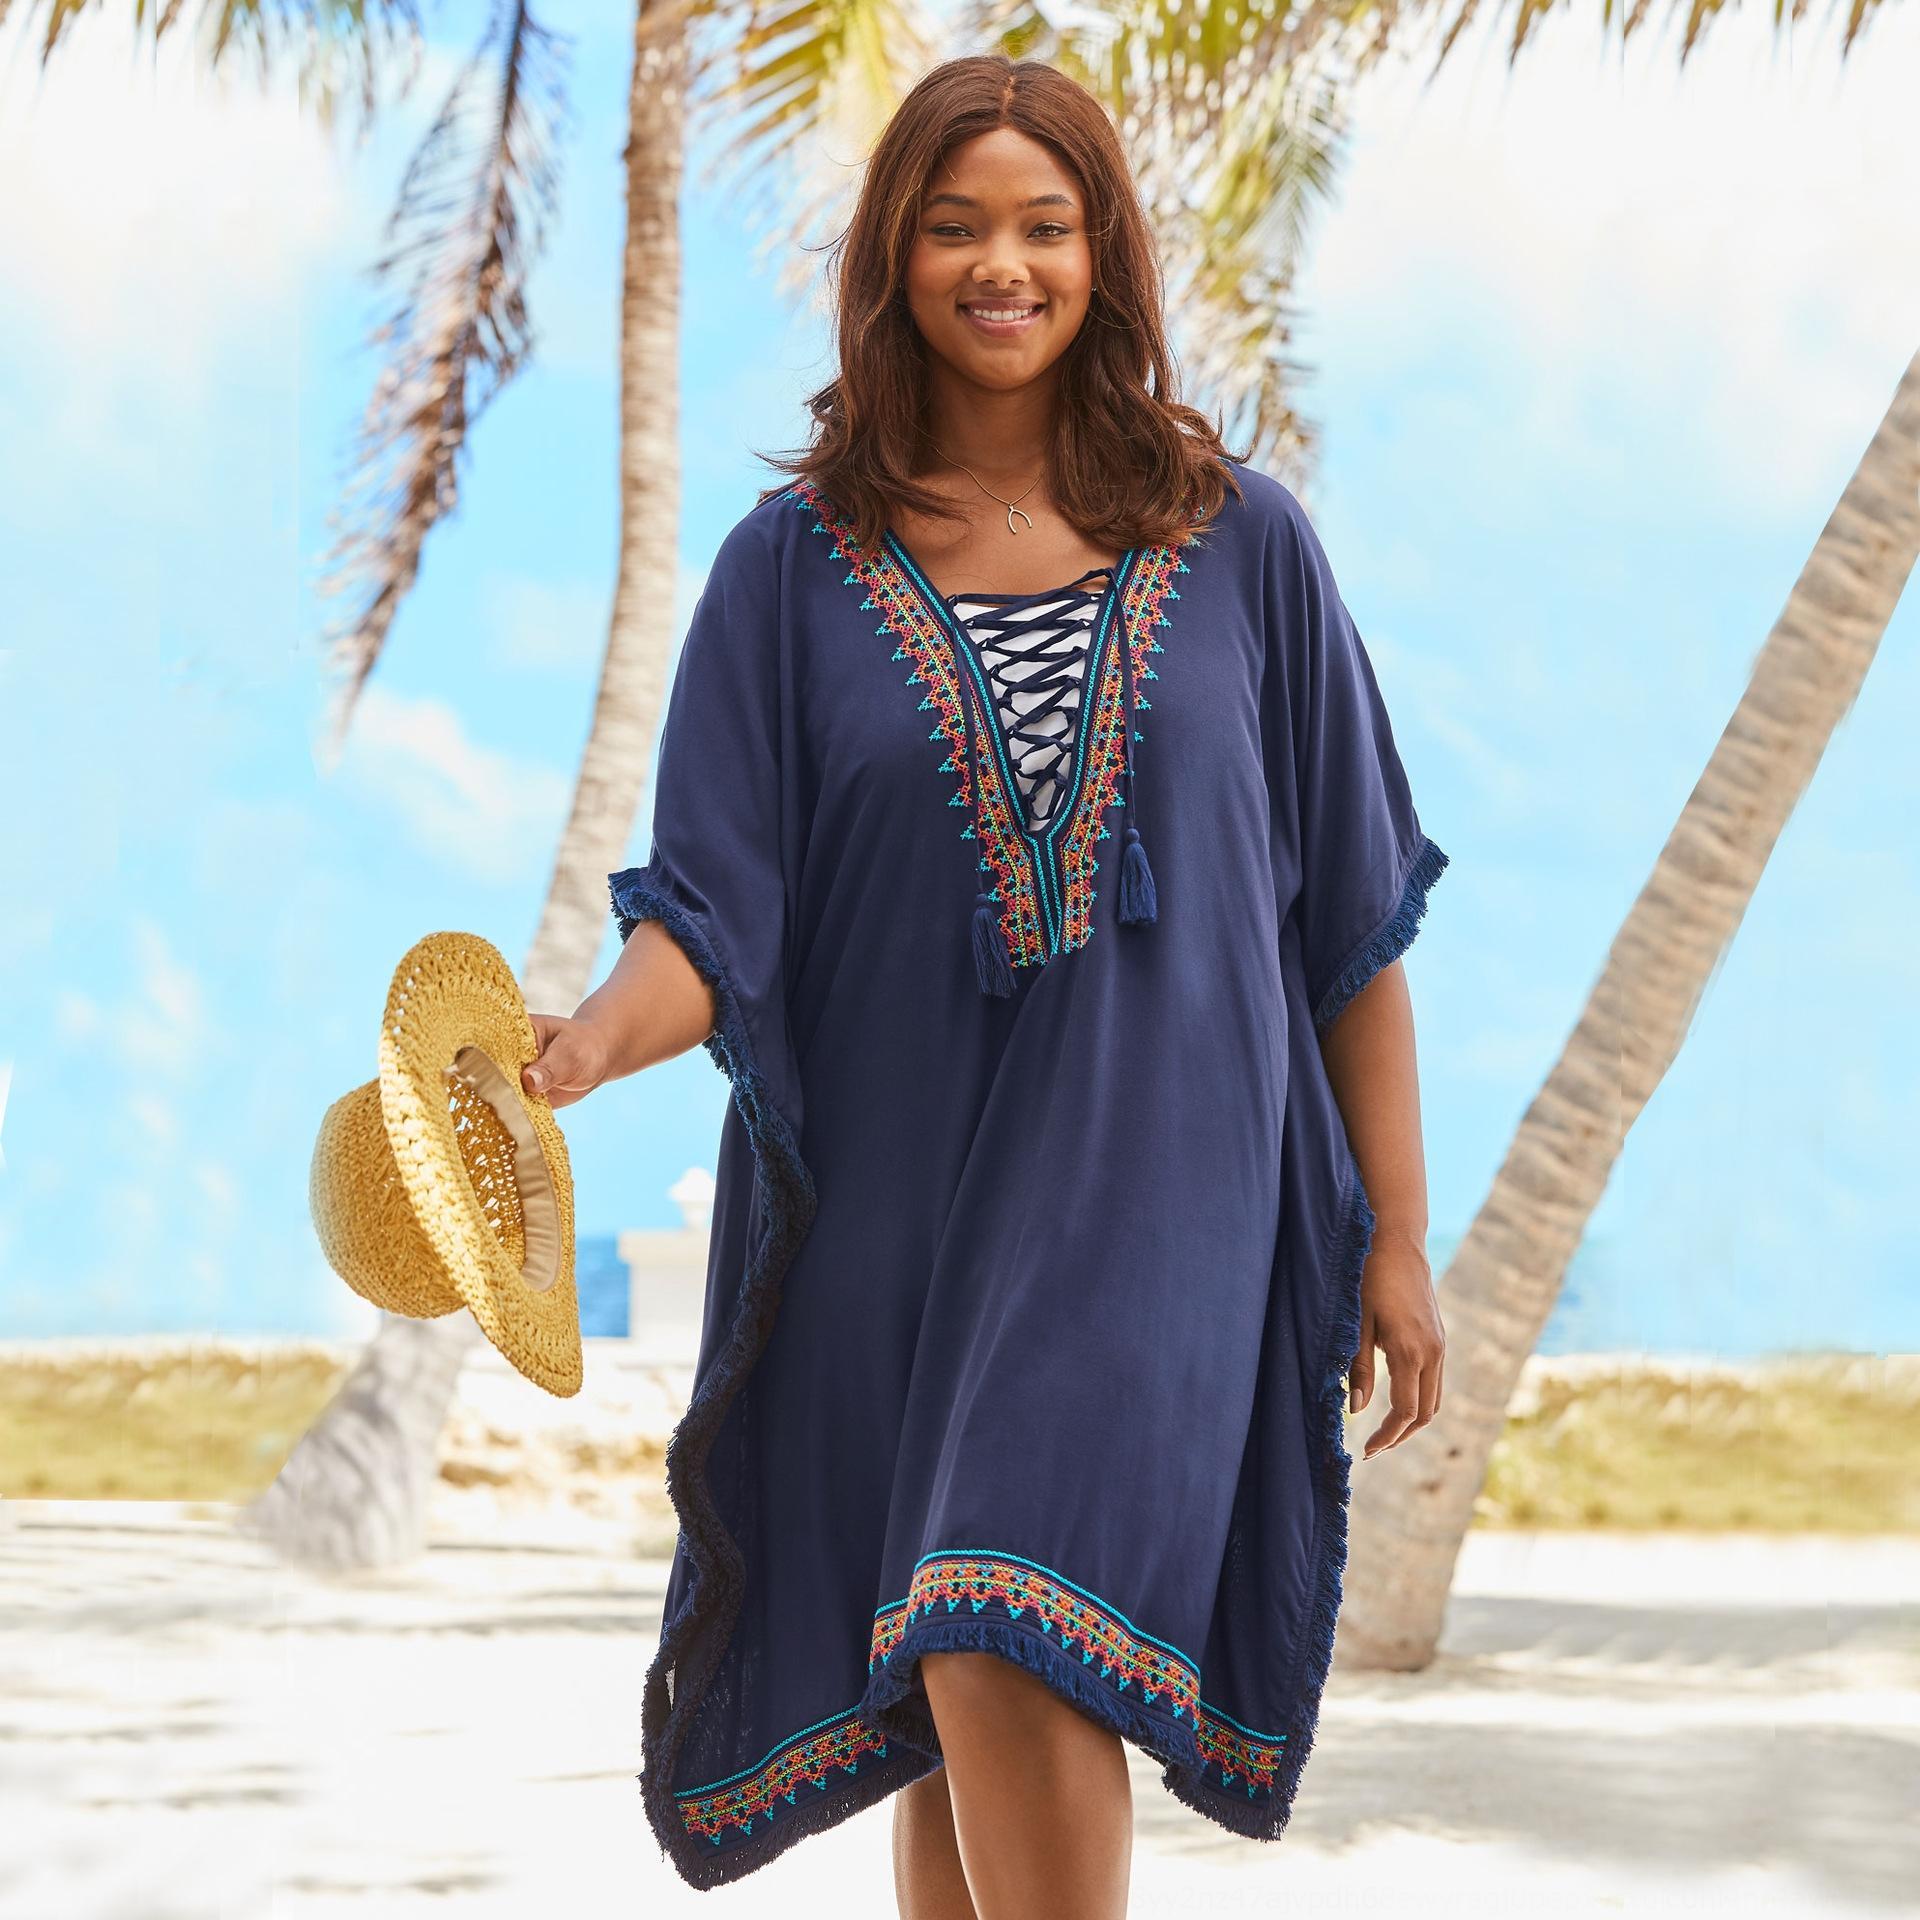 2019 Yeni lacivert suni ipek dressEmbroidered Elbise küçük püskül gevşek Plaj bluz tatil güneş elbise işlemeli